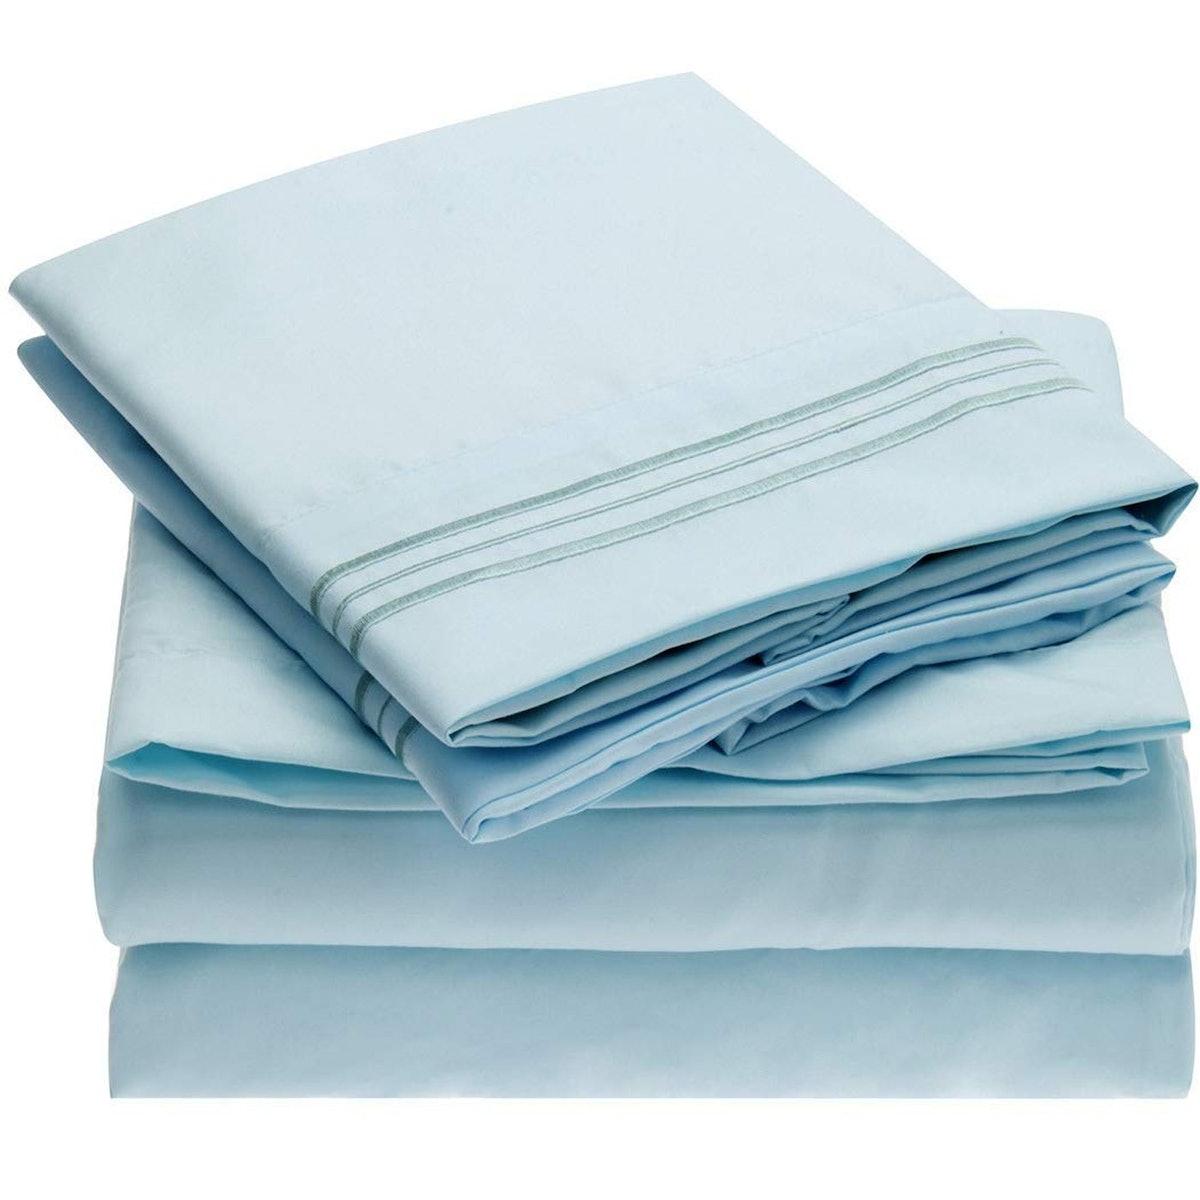 Mellanni Brushed Microfiber Bedsheets